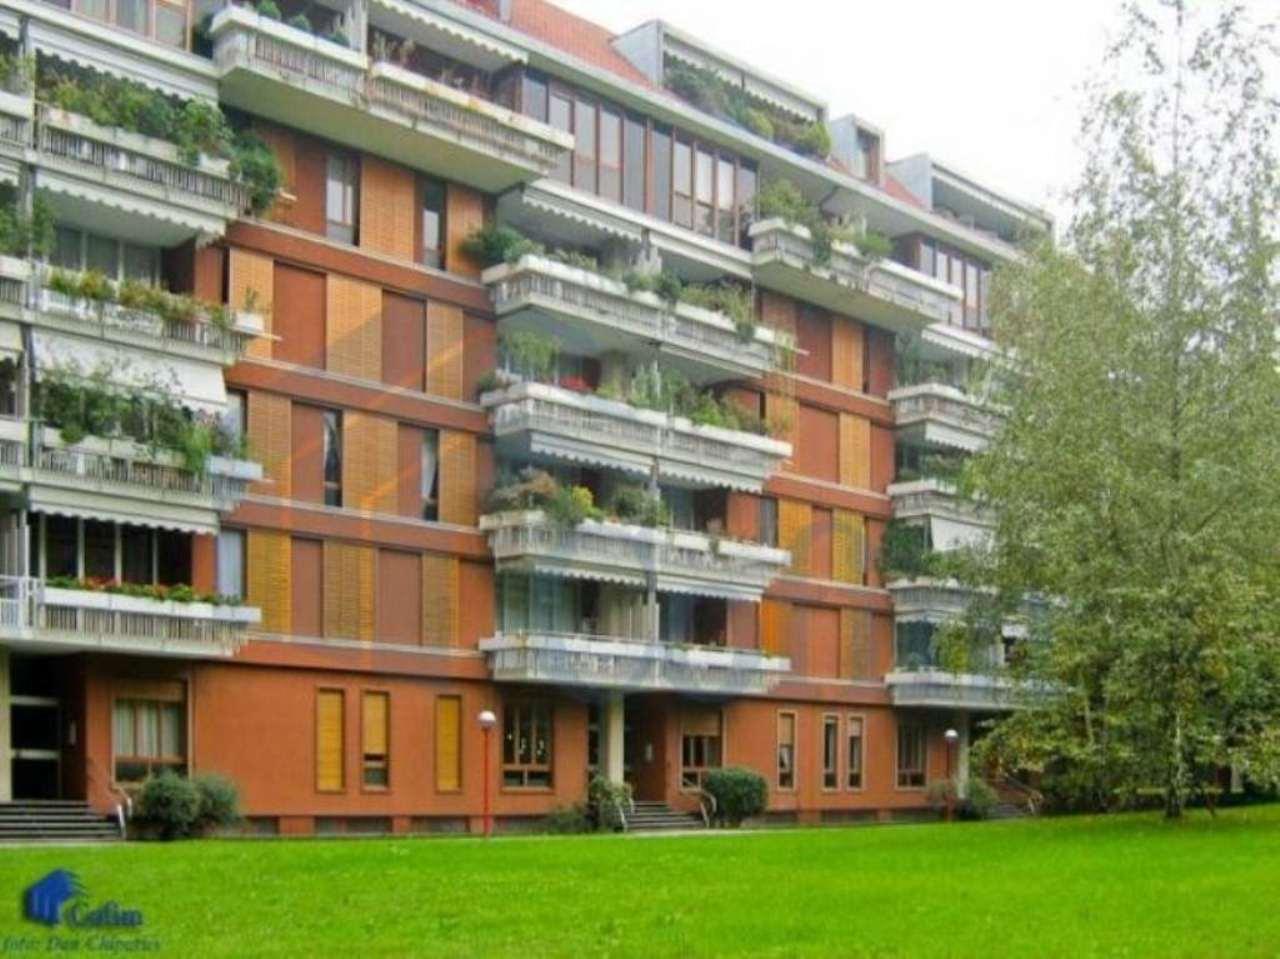 Appartamento in vendita a Segrate, 6 locali, prezzo € 1.100.000 | Cambio Casa.it